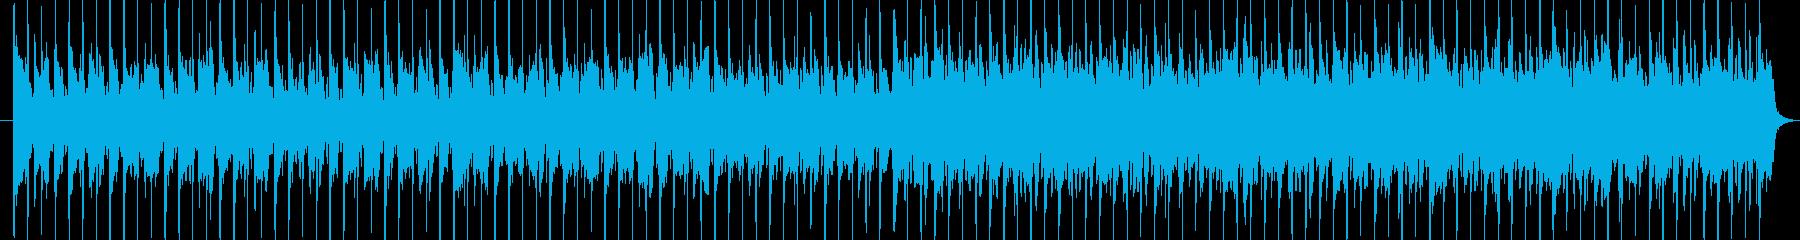 ほのぼのしたカントリーの再生済みの波形